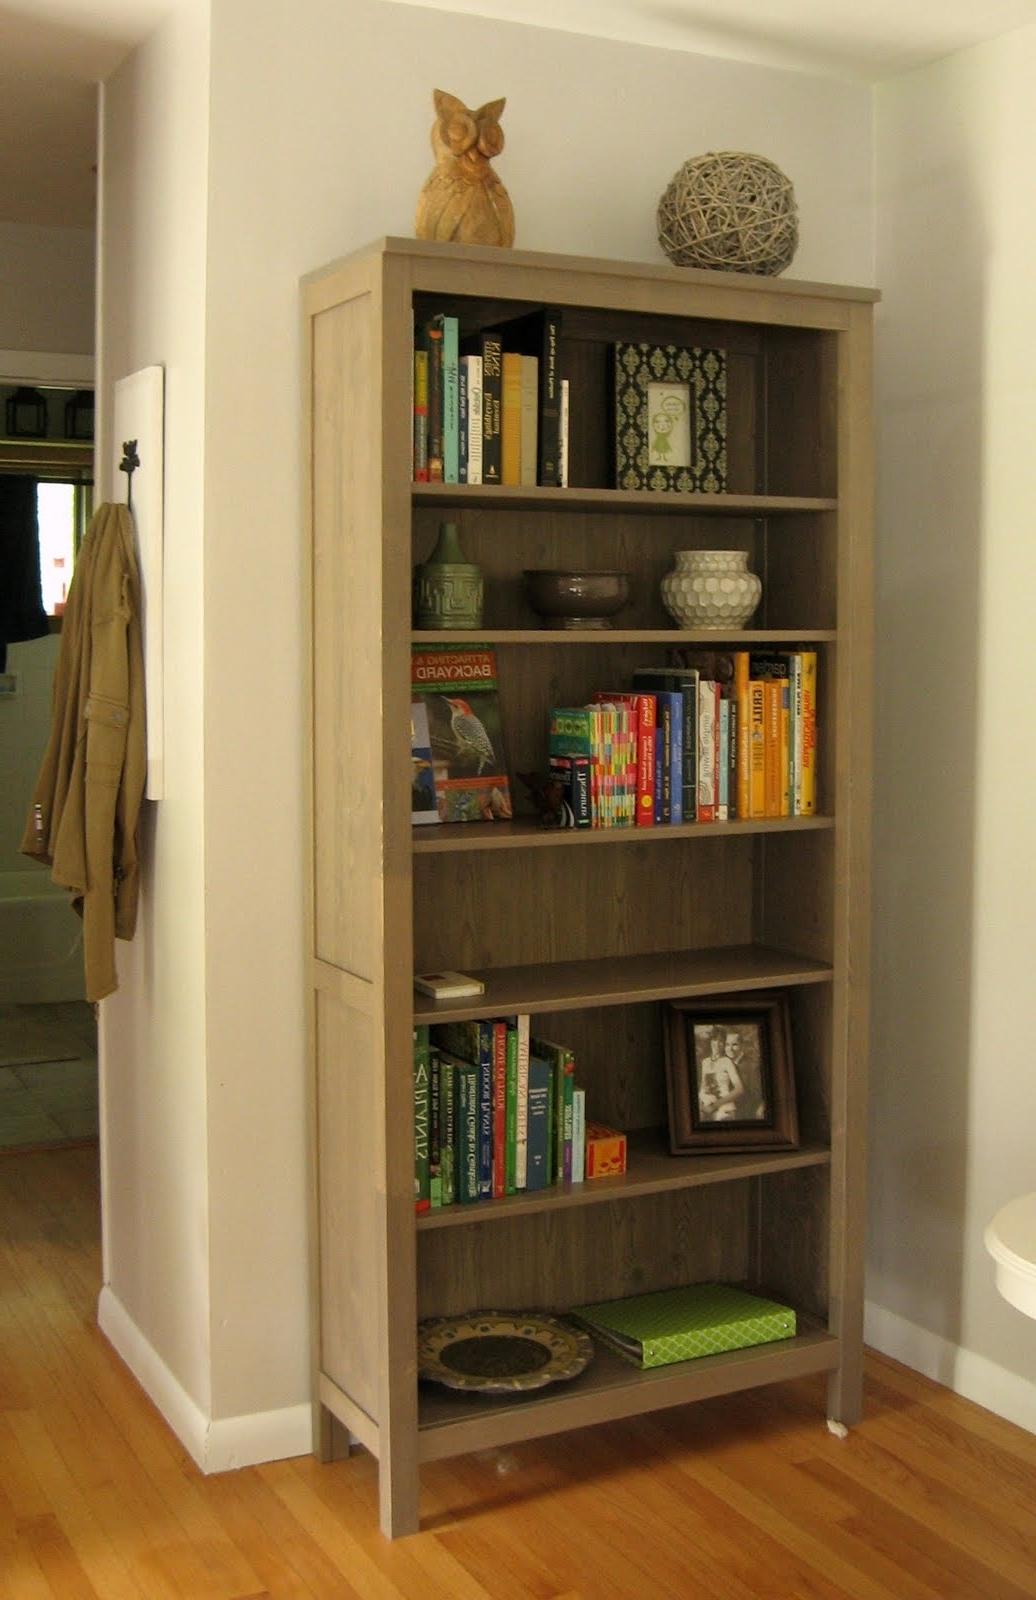 Furniture Home: Bookshelf Marvellous Ikea Hemnes Bookcase With Most Popular Ikea Hemnes Bookcases (View 4 of 15)